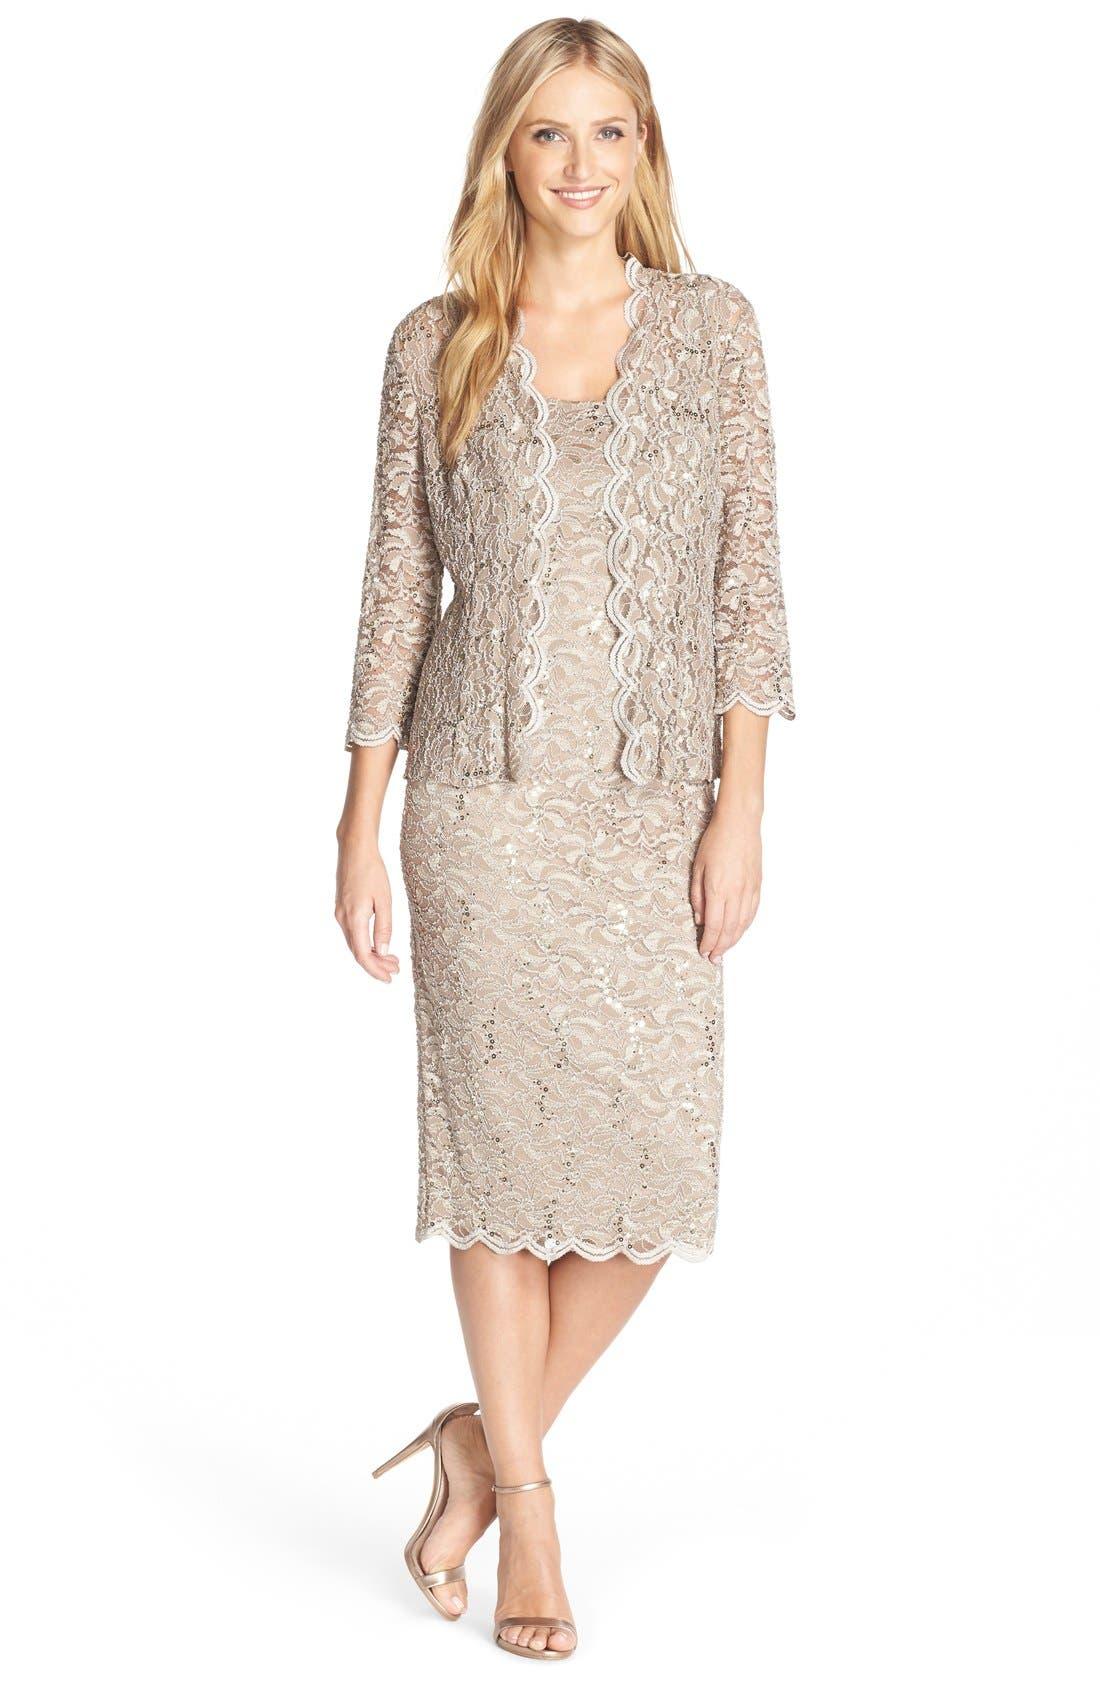 dc34916e84a6 Women s Sequin Dresses